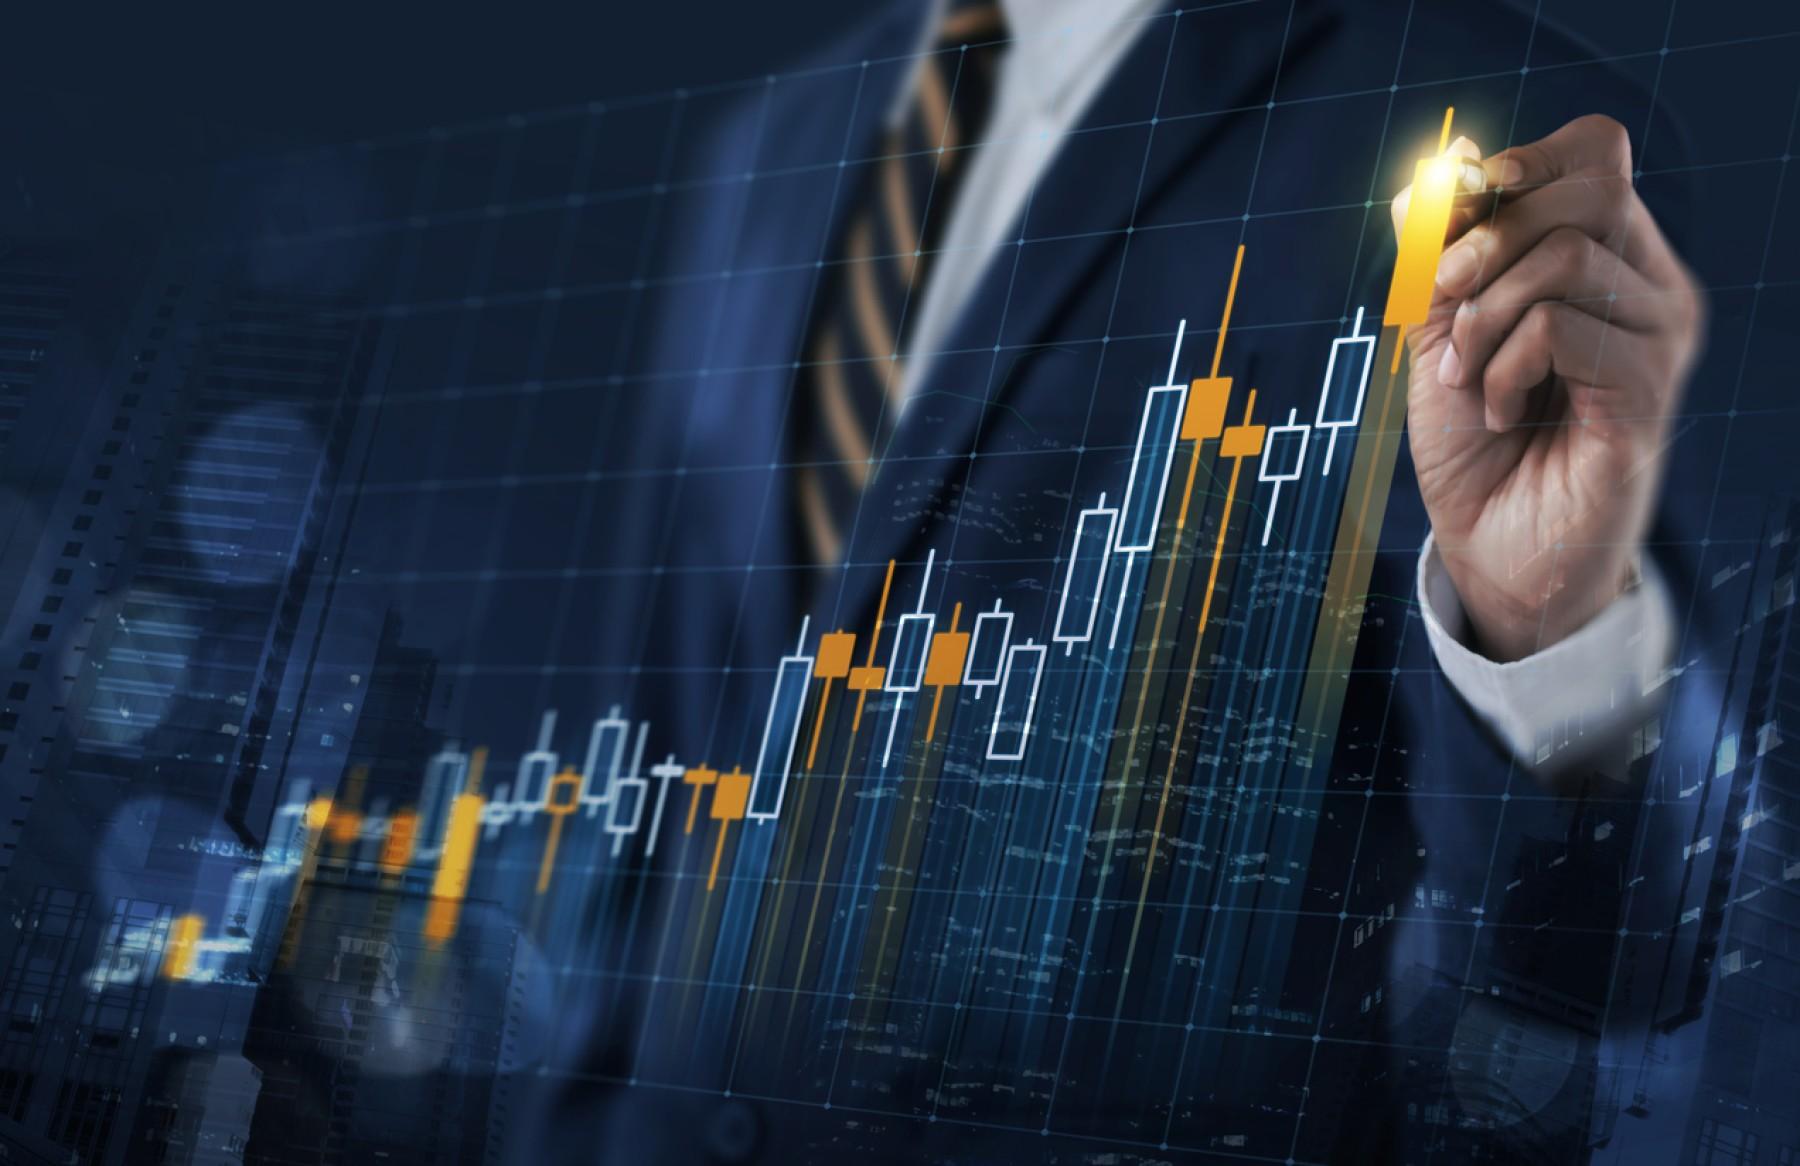 Invertir en bienes raíces: las nueve maneras de ganar dinero en el sector inmobiliario